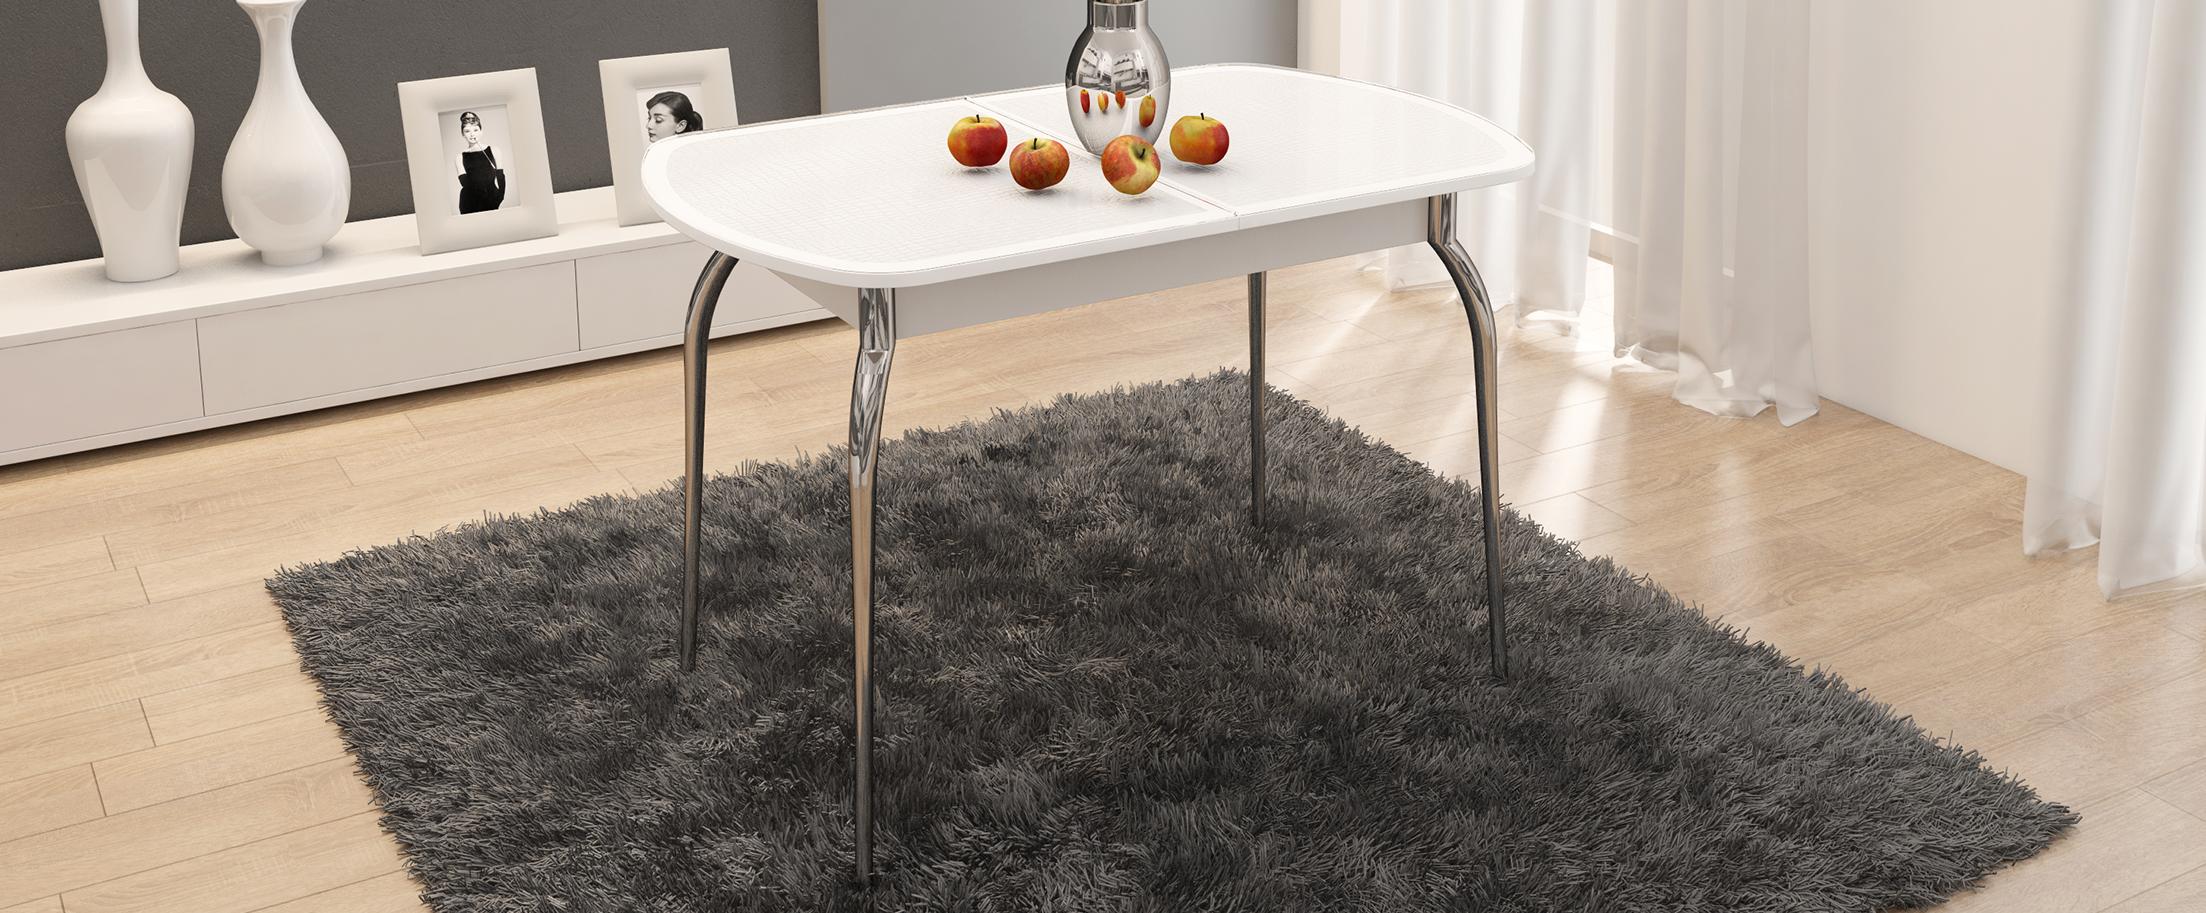 Стол обеденный Ницца Модель 3030Основание стола выполнено из стильного хромированного металла, придающего кухне современный и респектабельный вид<br><br>Ширина см: 142<br>Глубина см: 70<br>Высота см: 75<br>Цвет: Белый<br>Цвет столешницы: Белый<br>Материал столешницы: Стекло<br>Материал корпуса: Хромированный металл